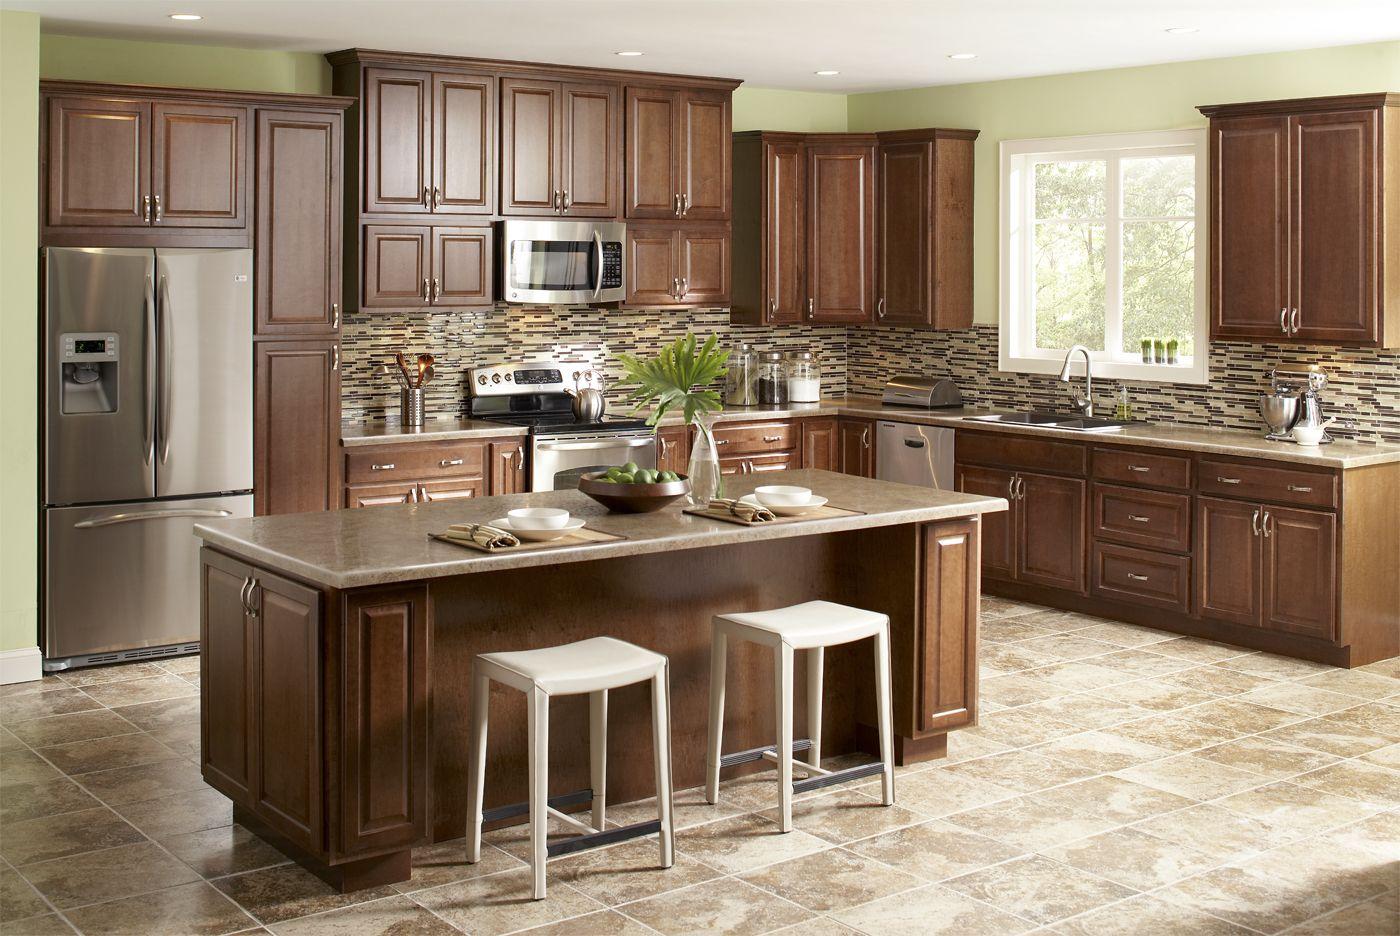 American Kitchen American Kitchen Cabinets Tucson Cliff Kitchen